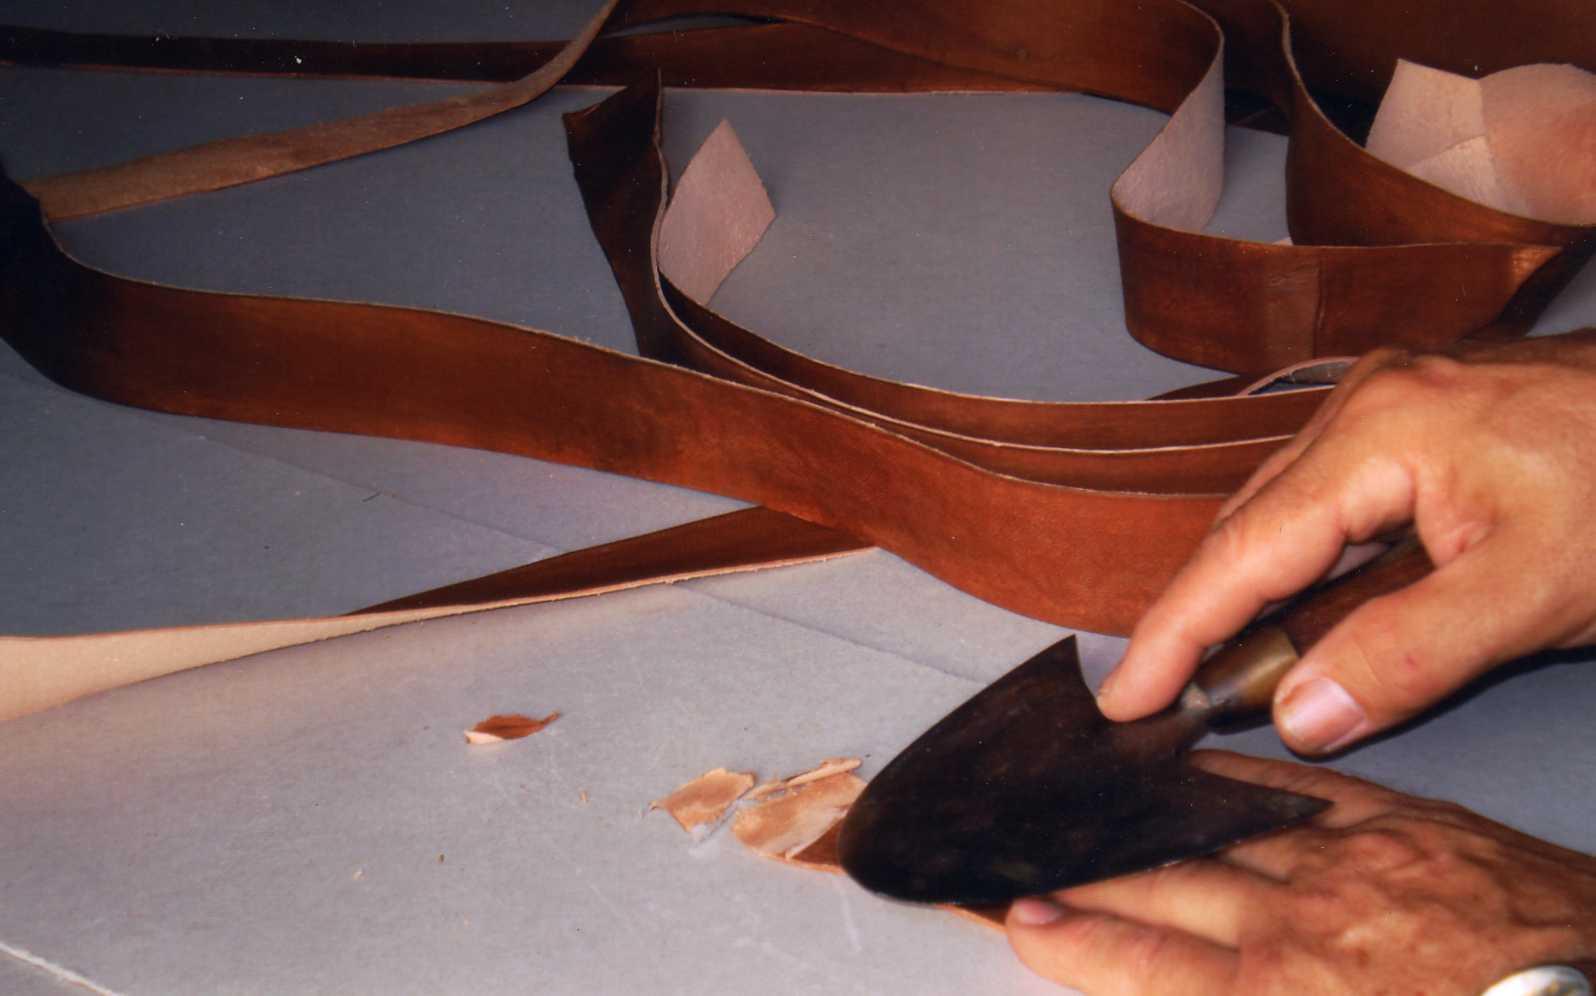 Reparaci n de muebles carpinteros barcelona - Carpintero en barcelona ...